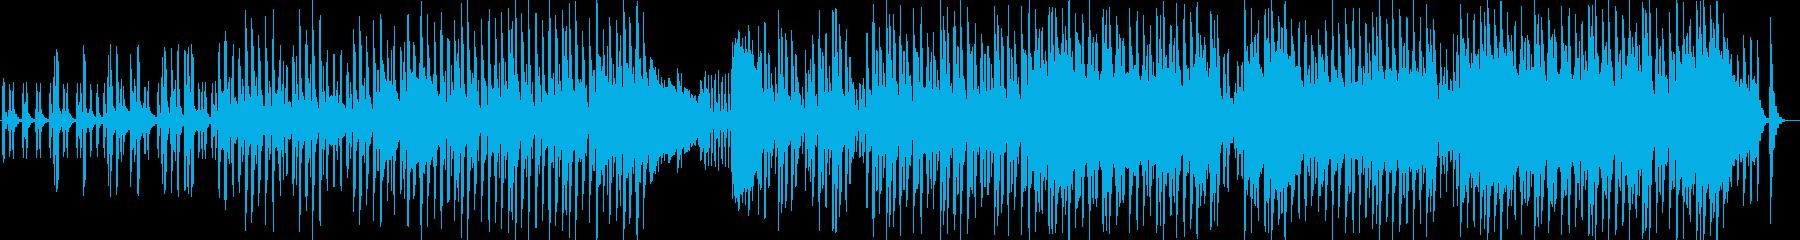 クラシック 交響曲 広い 壮大 可...の再生済みの波形